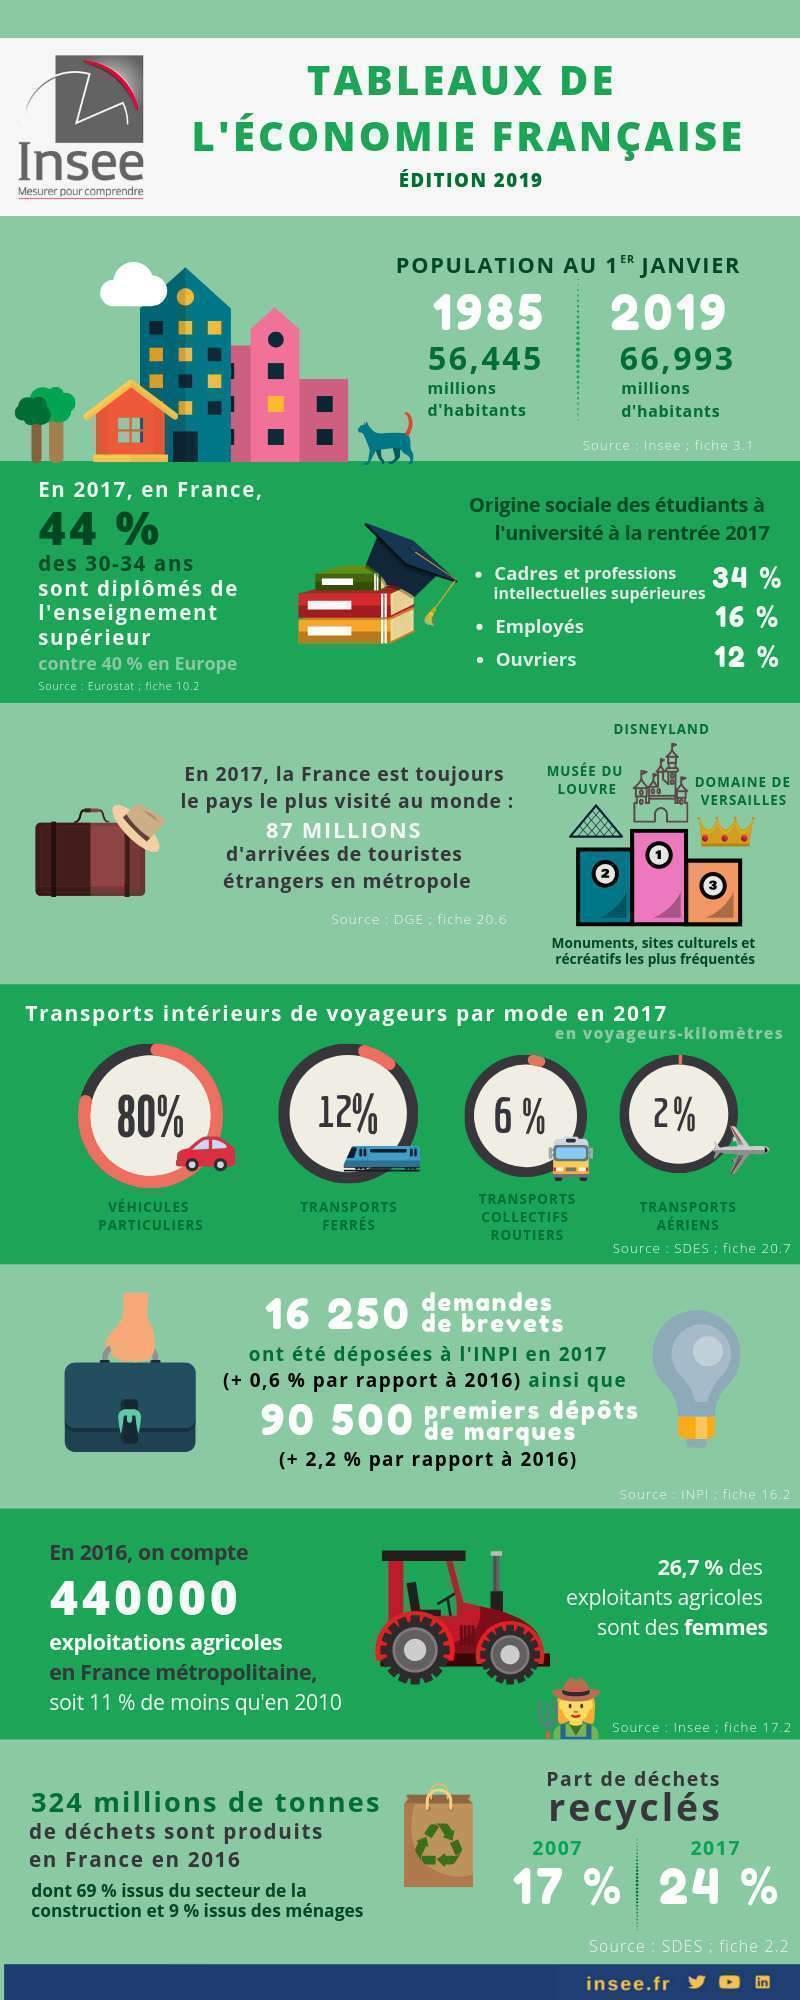 Tableau de l'économie française 2019 (Insee)